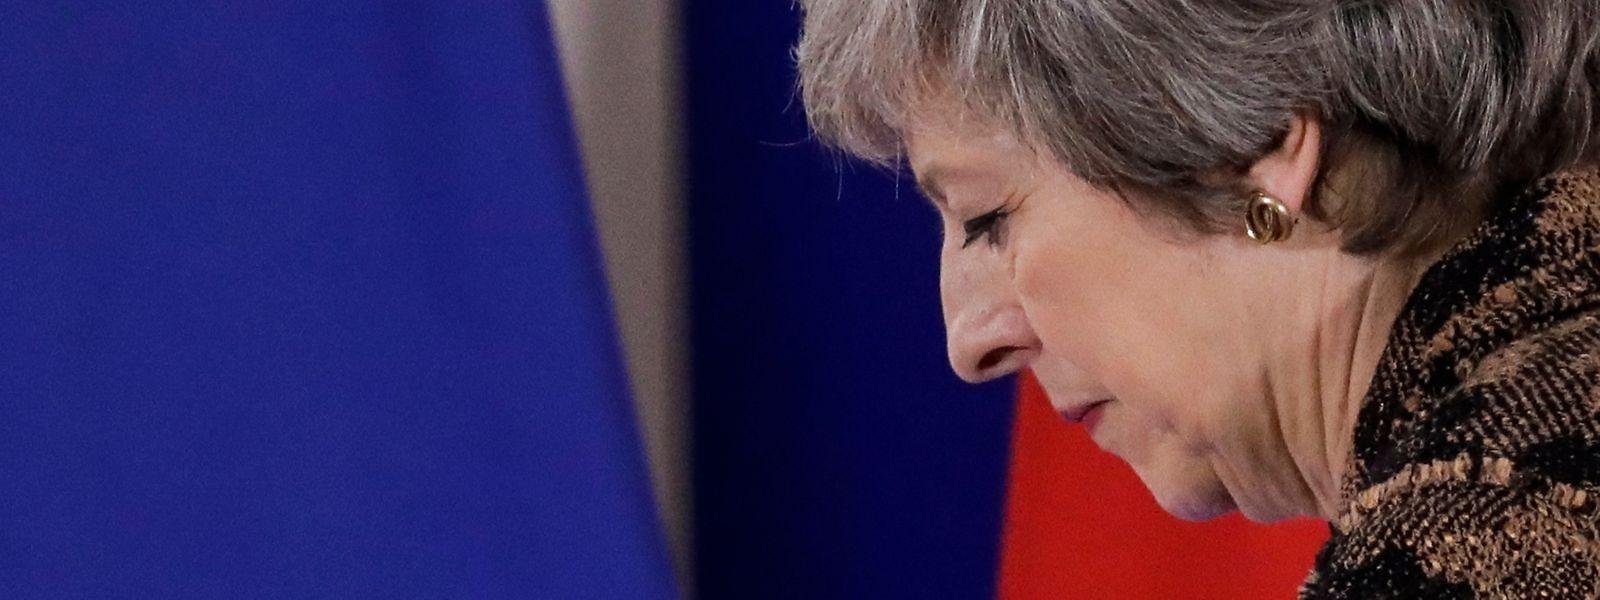 La Grande-Bretagne a voté en 2016 lors d'un référendum en faveur de son divorce d'avec l'Union européenne, qui doit intervenir le 29 mars prochain.